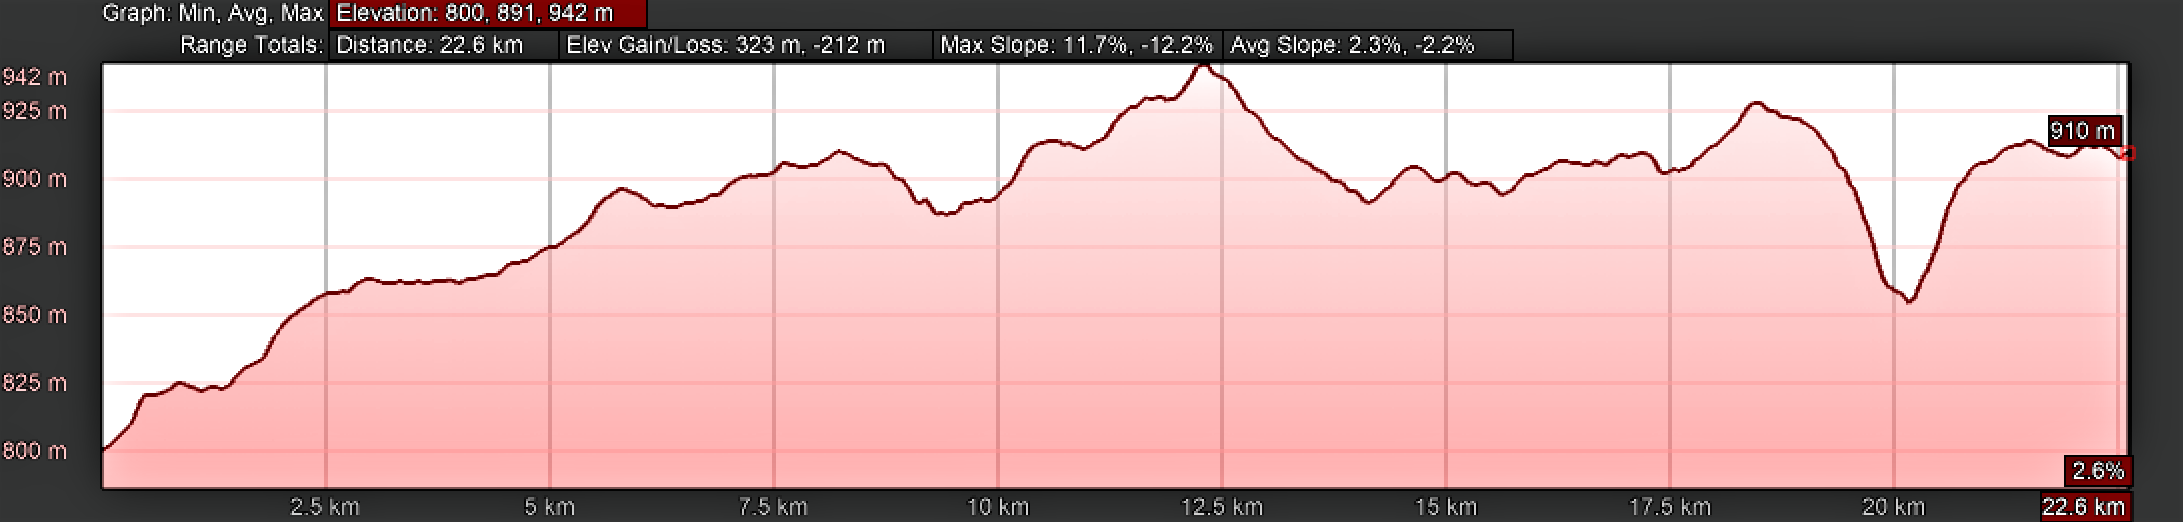 Elevation Profile, Camino Sanabrés, Rionegro del Puente to Entrepeñas